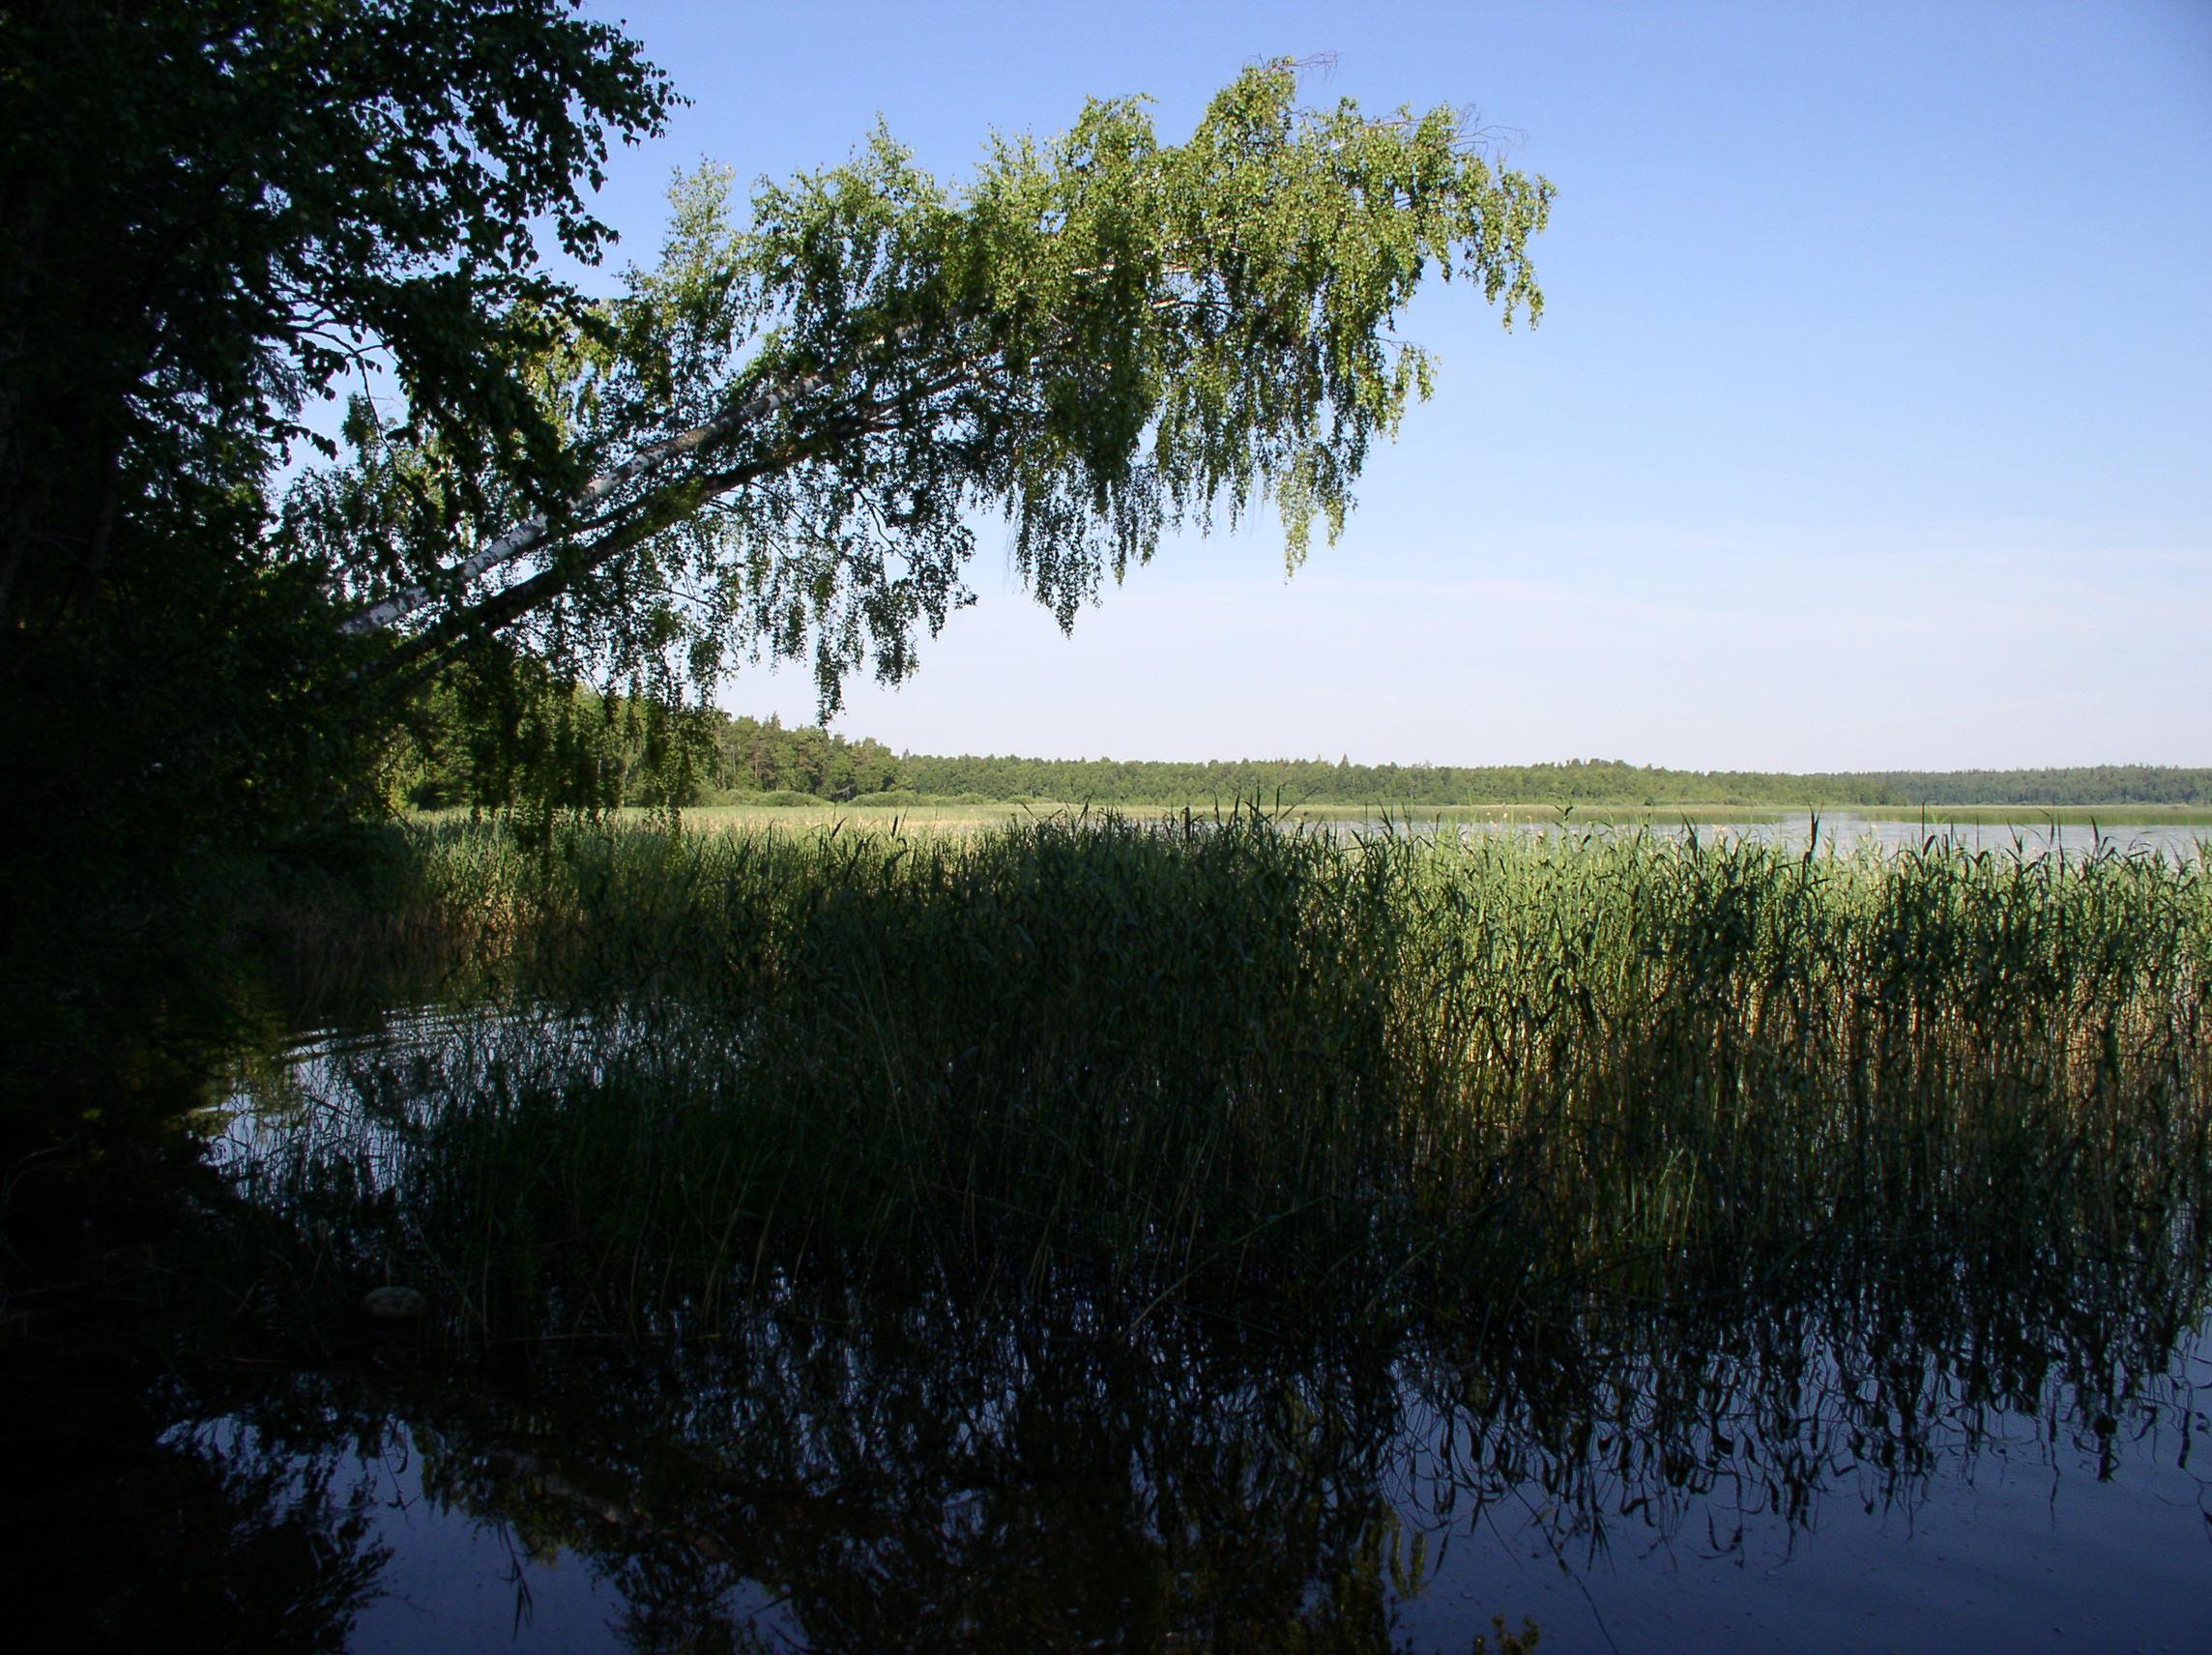 озеро двинье рыбалка